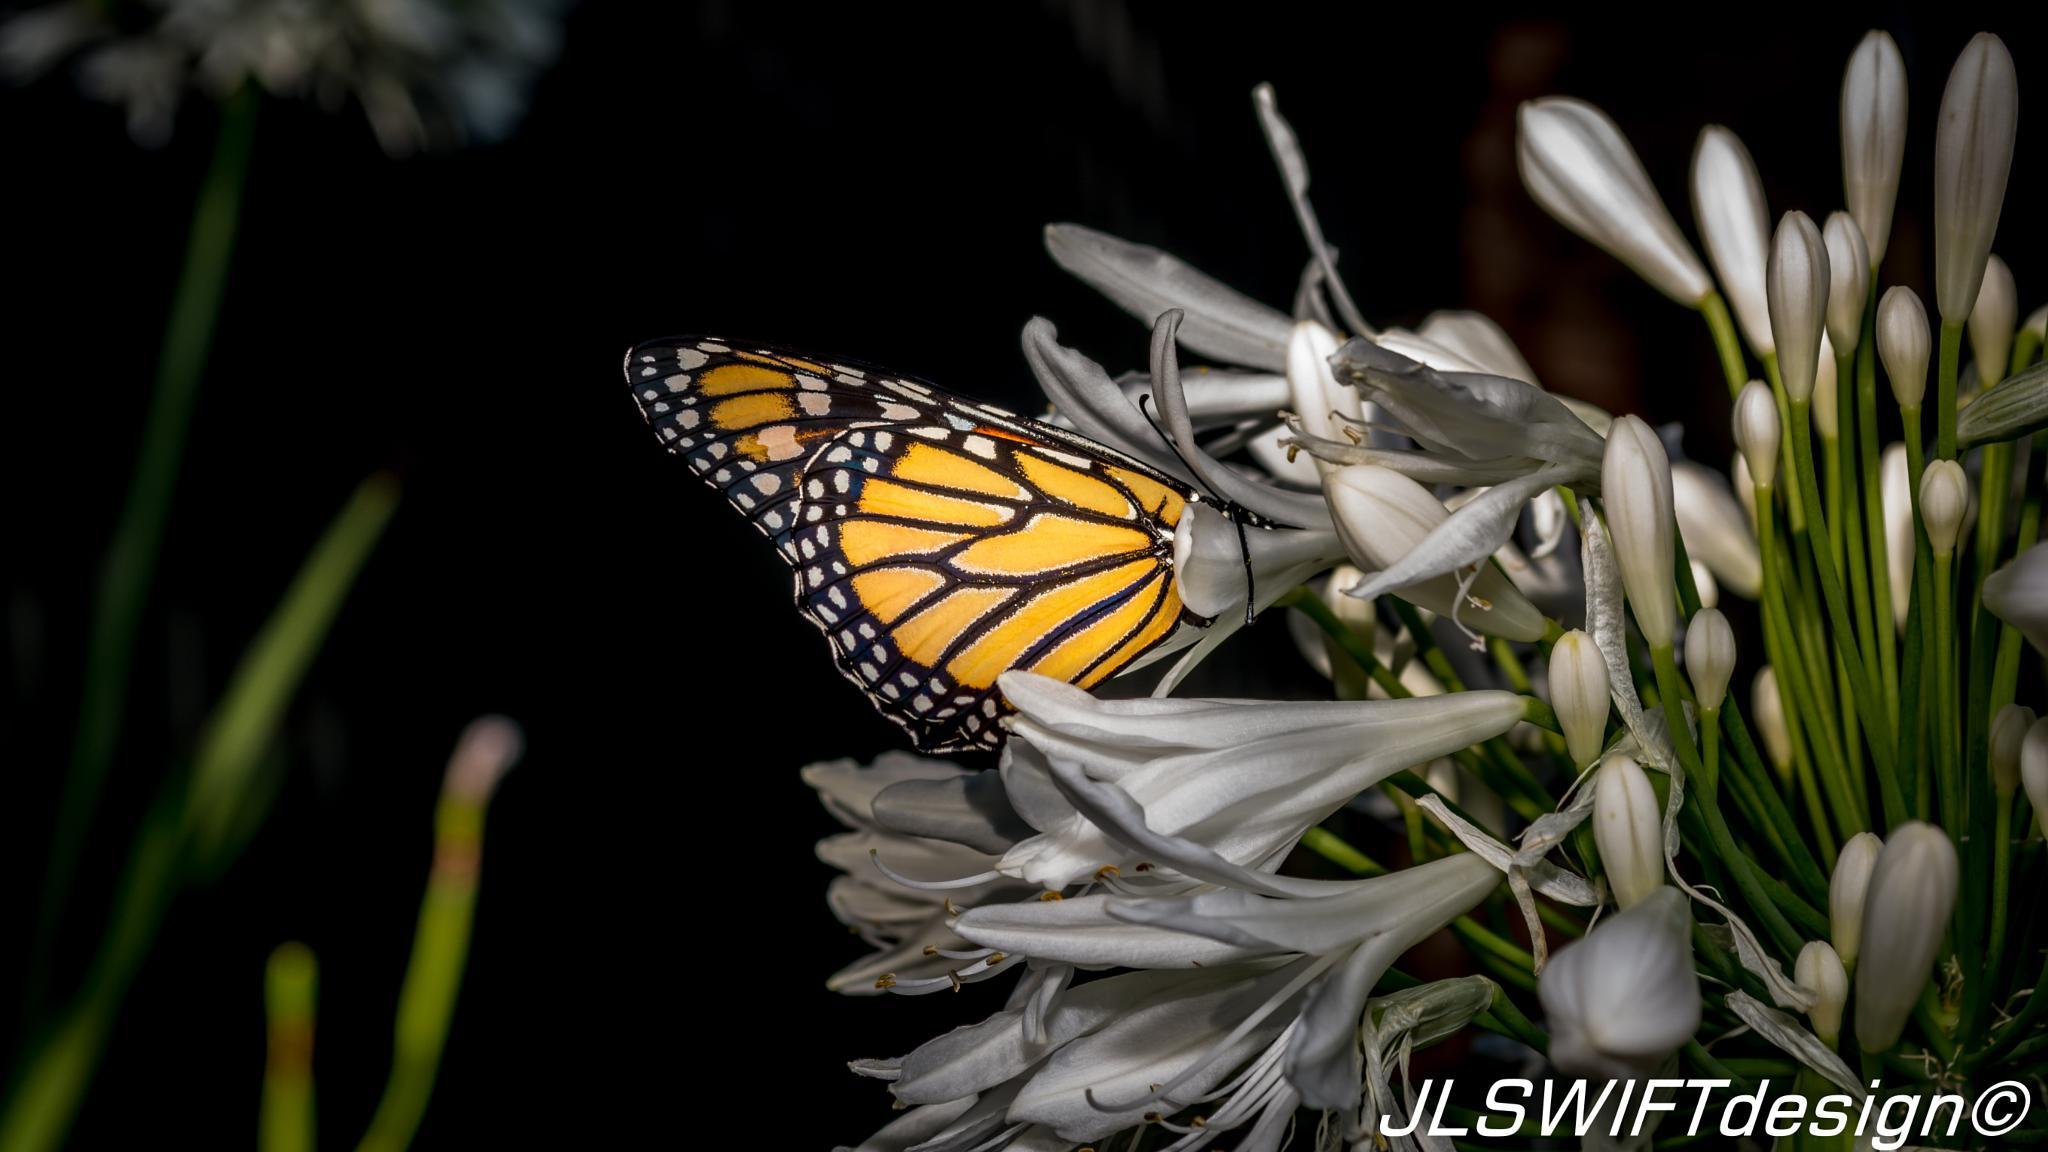 Butterfly_and_Flower photo Jordan Lia JLSWIFTdesign by JLSWIFTdesign